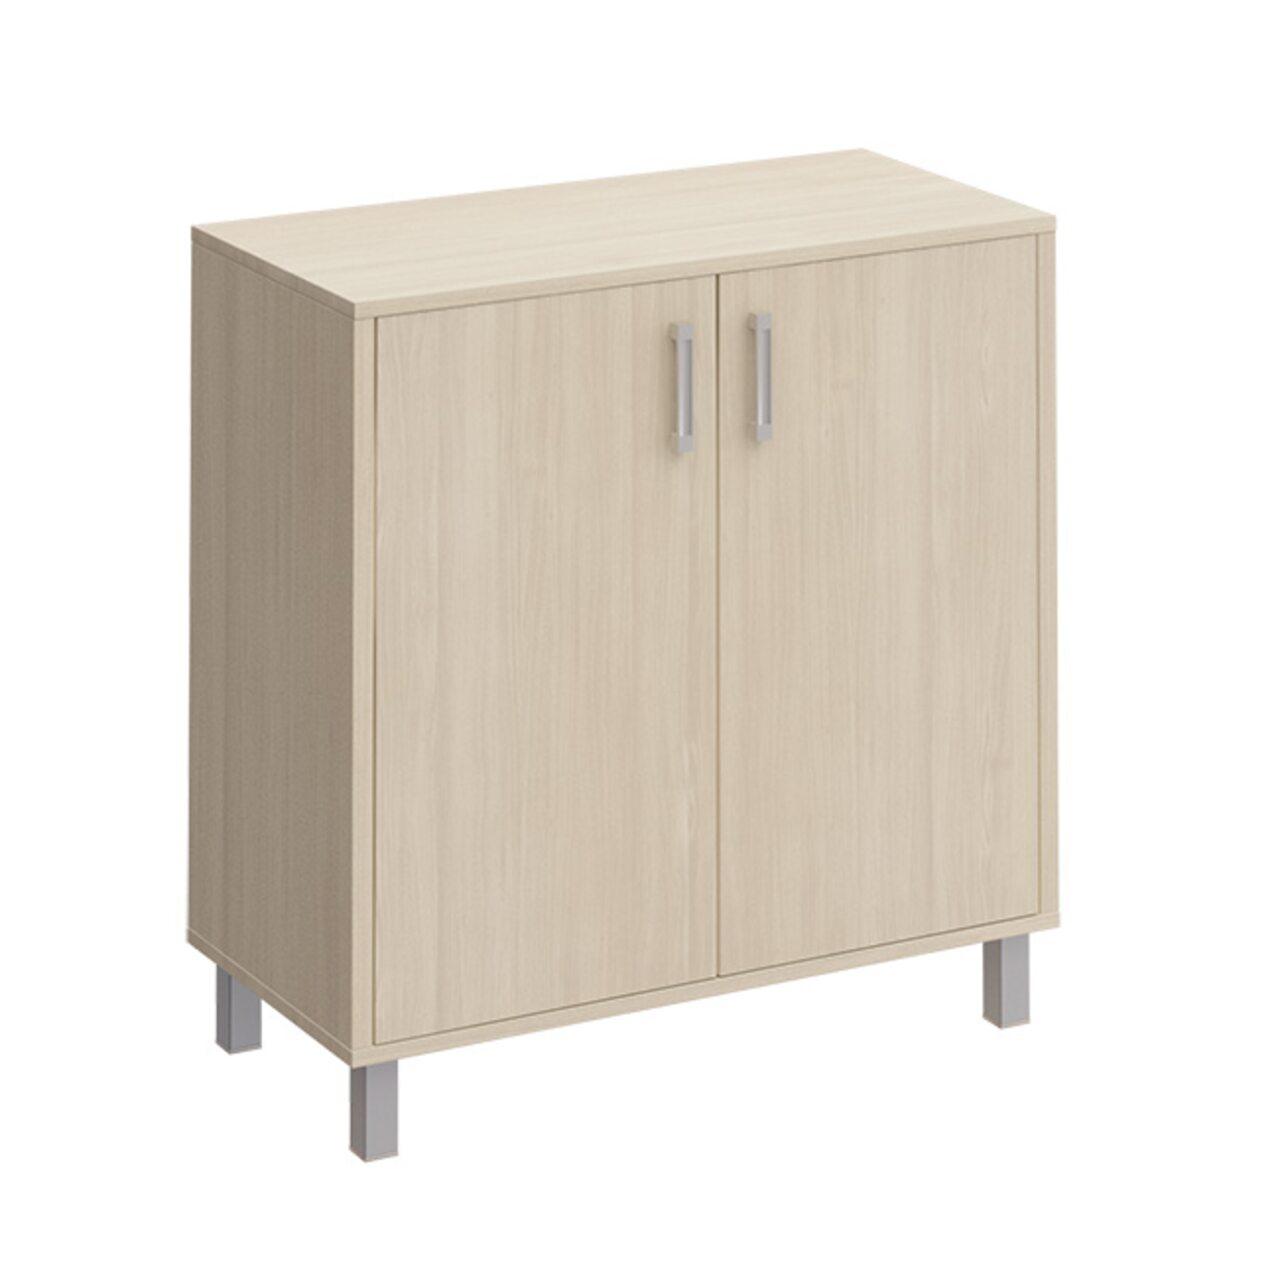 Шкаф для документов две глухие двери без замка  БОРН LT 90x45x94 - фото 1